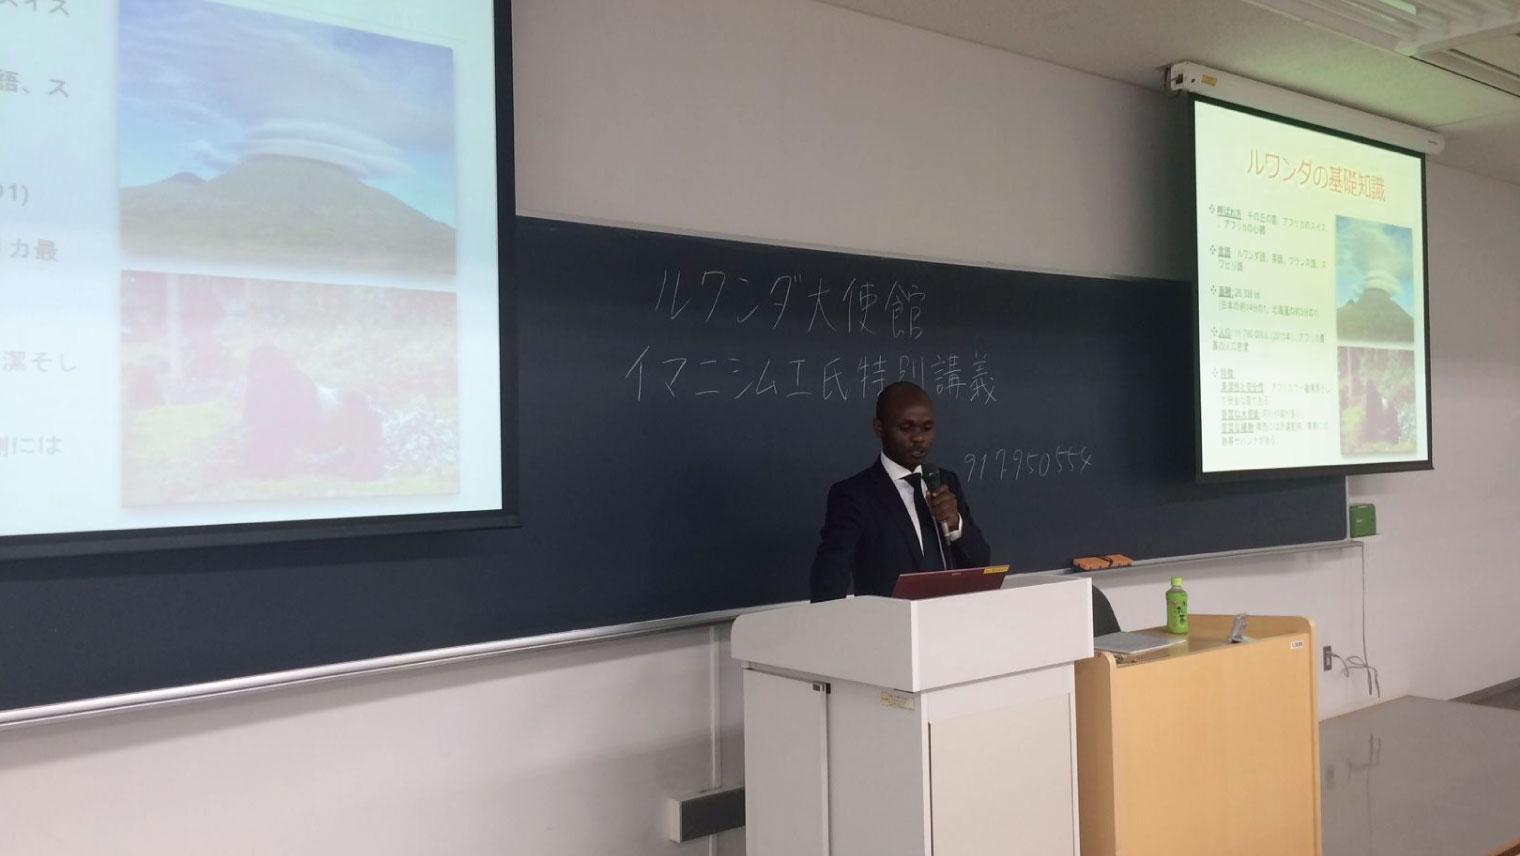 サムエルさんが大使館時代、大学にてルワンダに関する講義を行った際の様子